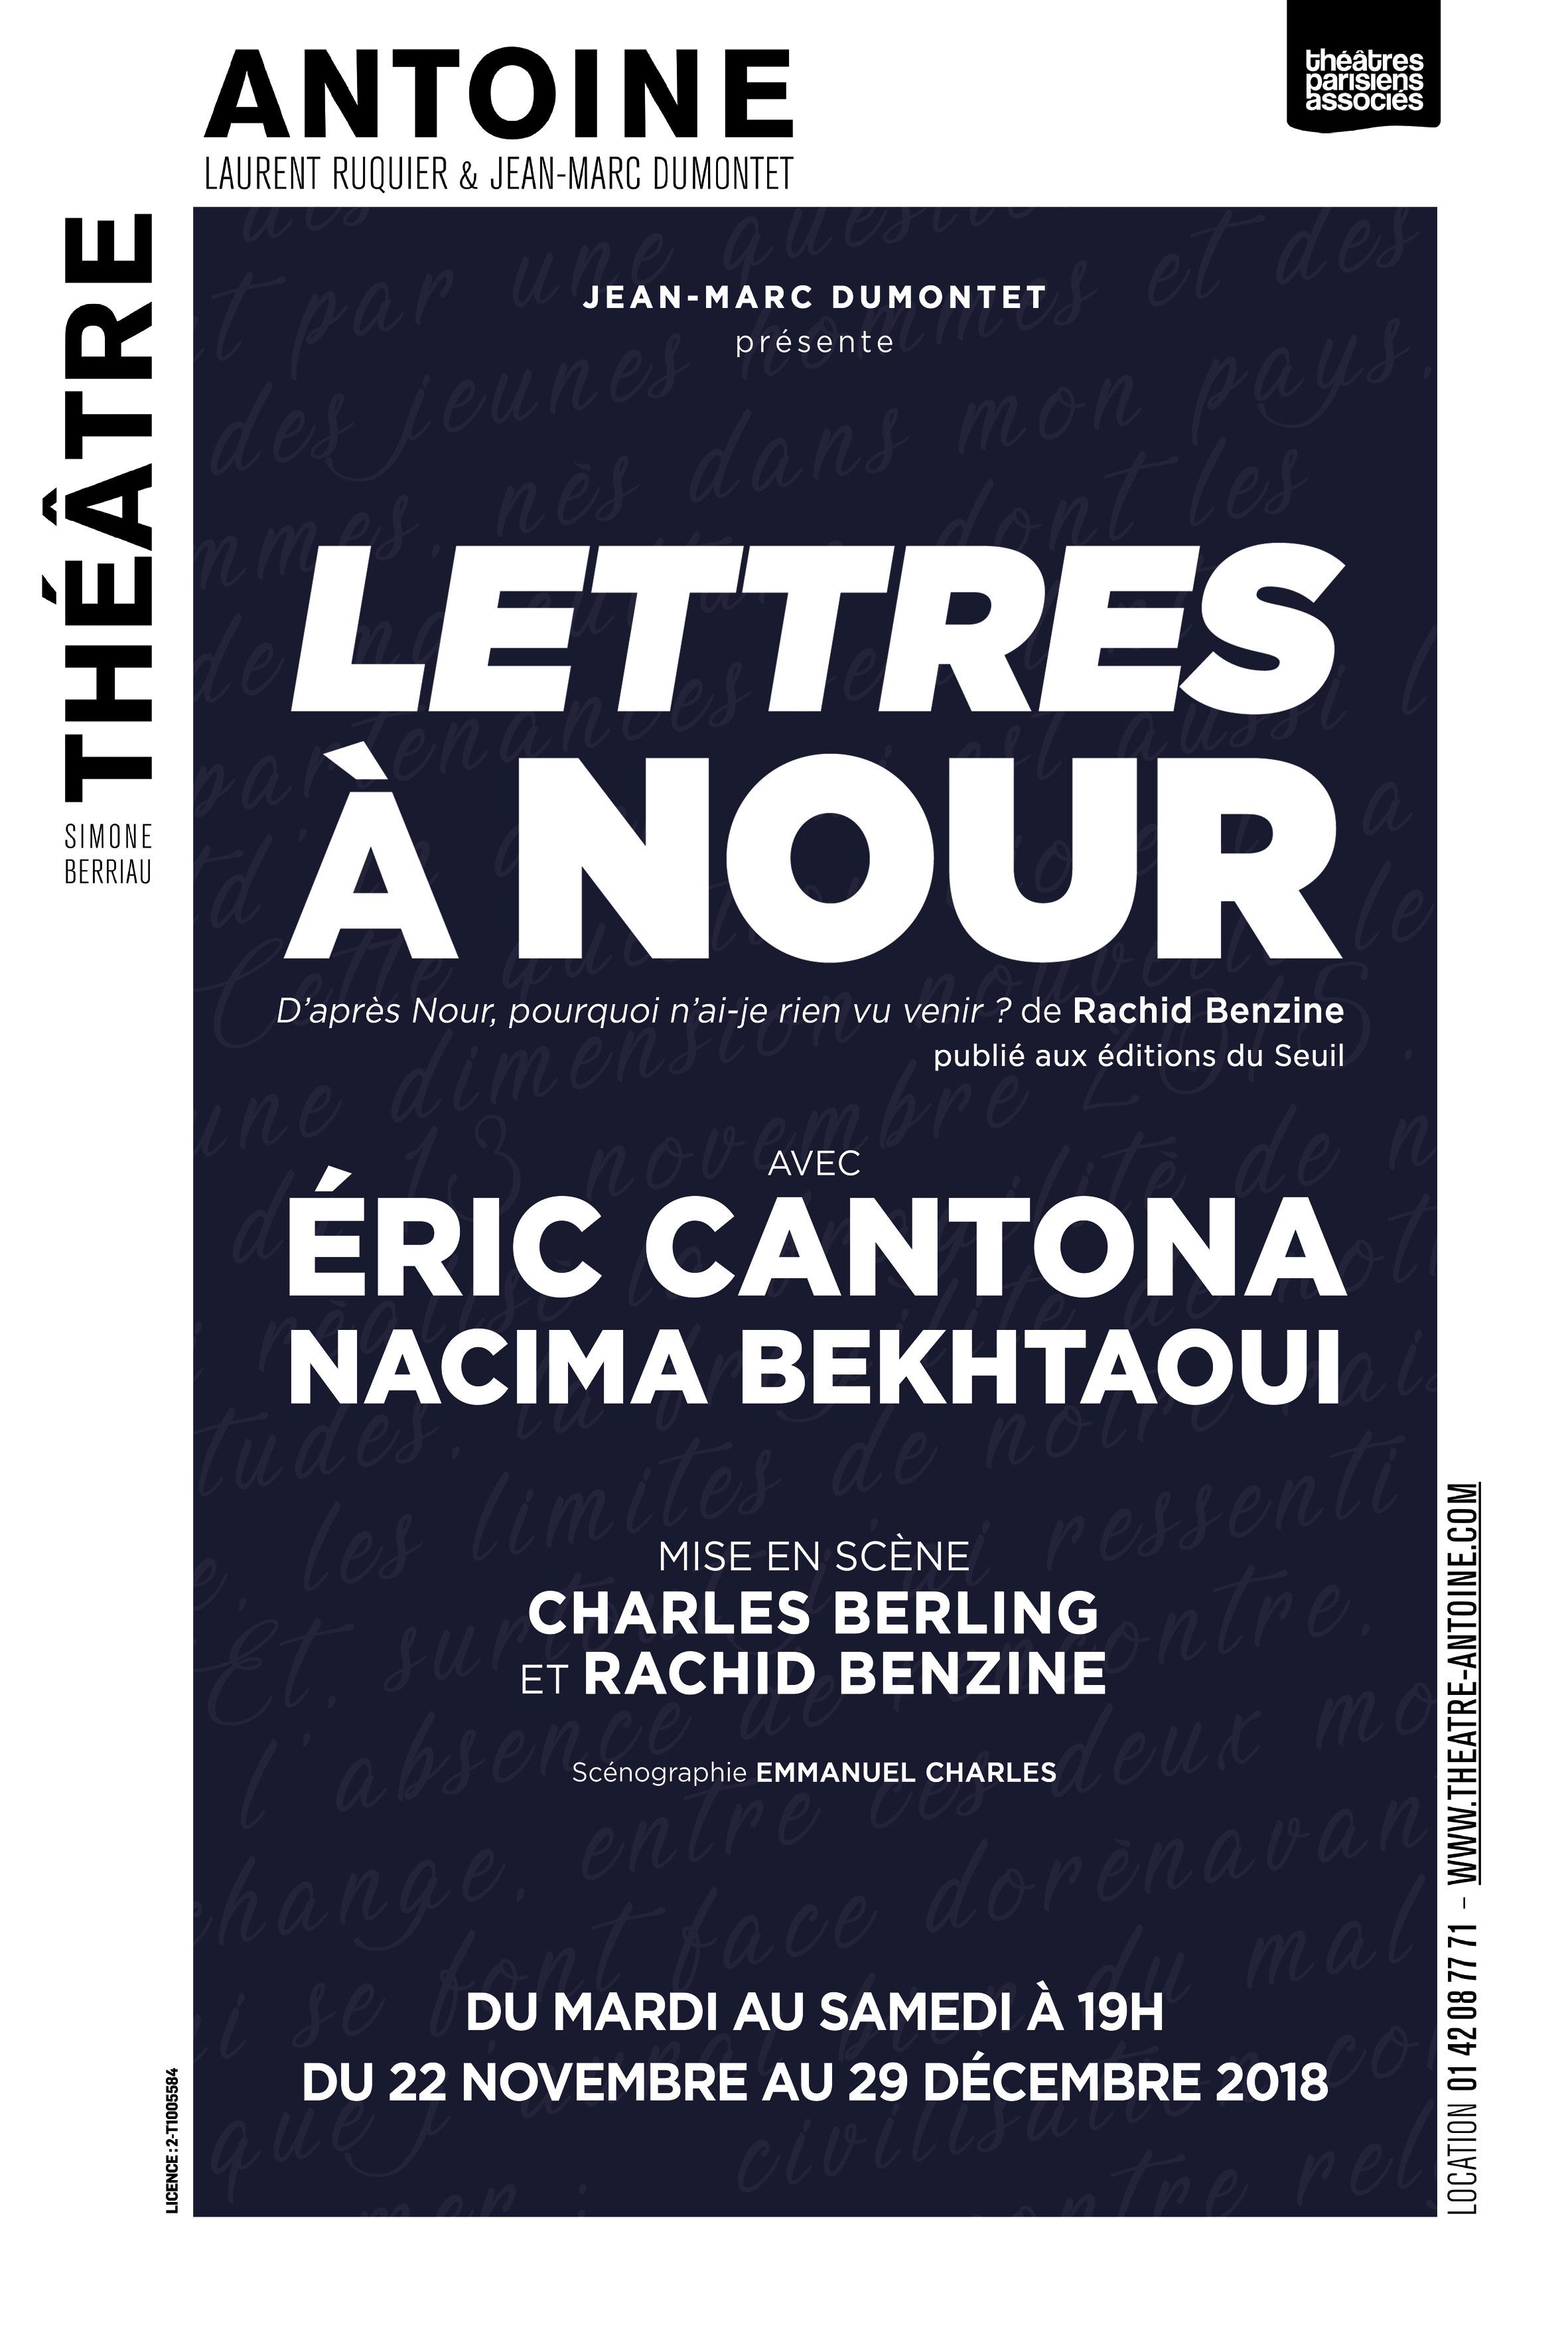 """Invitations pour la pièce """"Lettres À Nour"""" avec Éric Cantona au Théâtre Antoine - Paris (75)"""